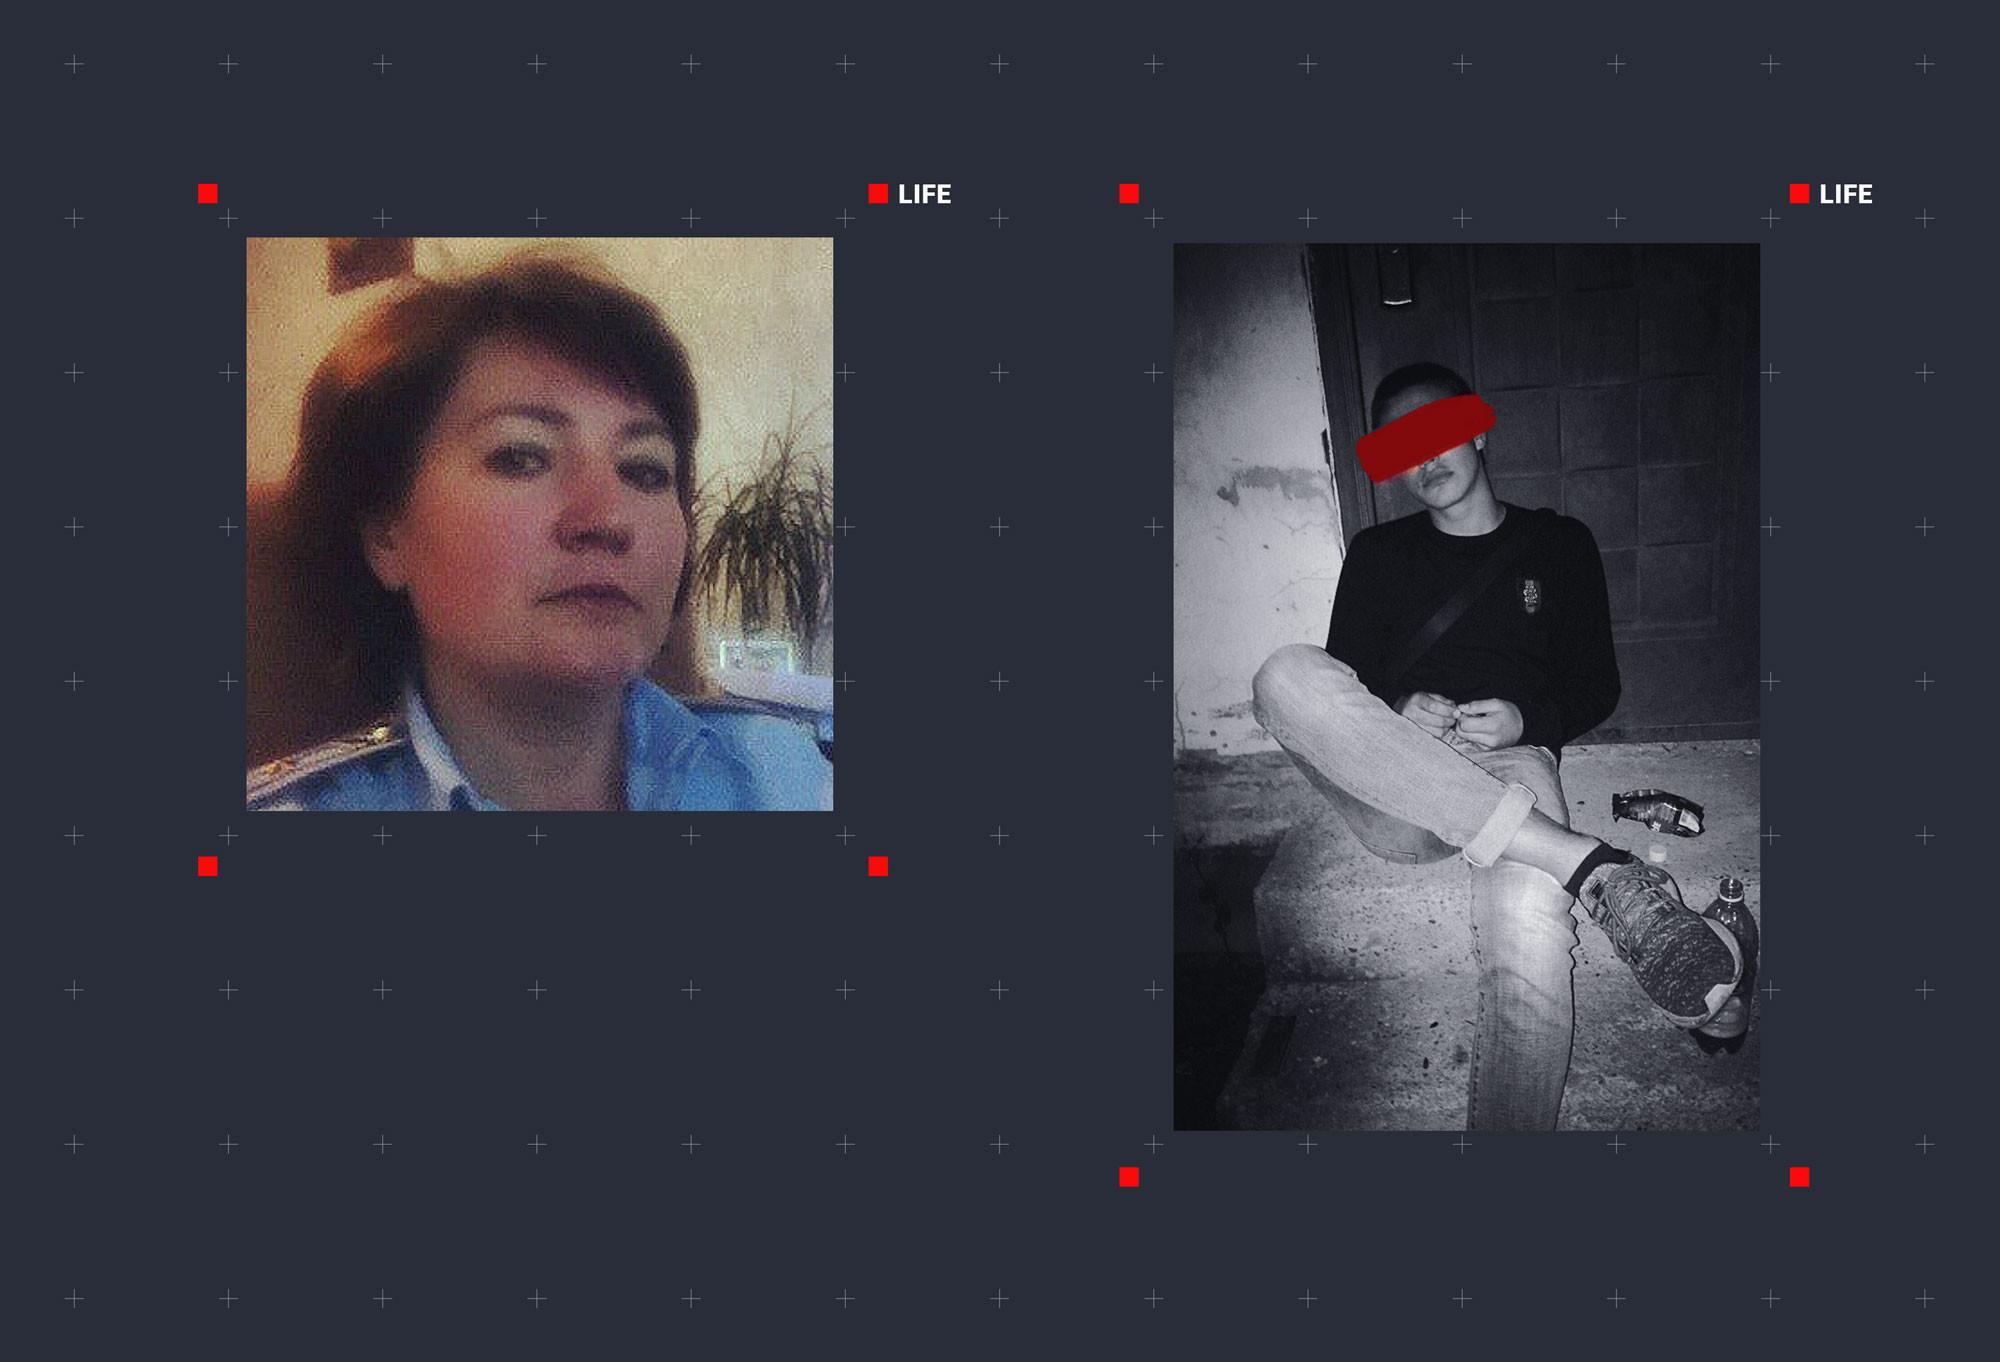 Следователь Оксана Глущенко (слева) и один из убийц Натальи Дмитриевой (справа). Фото © VK / Оксана Глущенко, © Соцсети